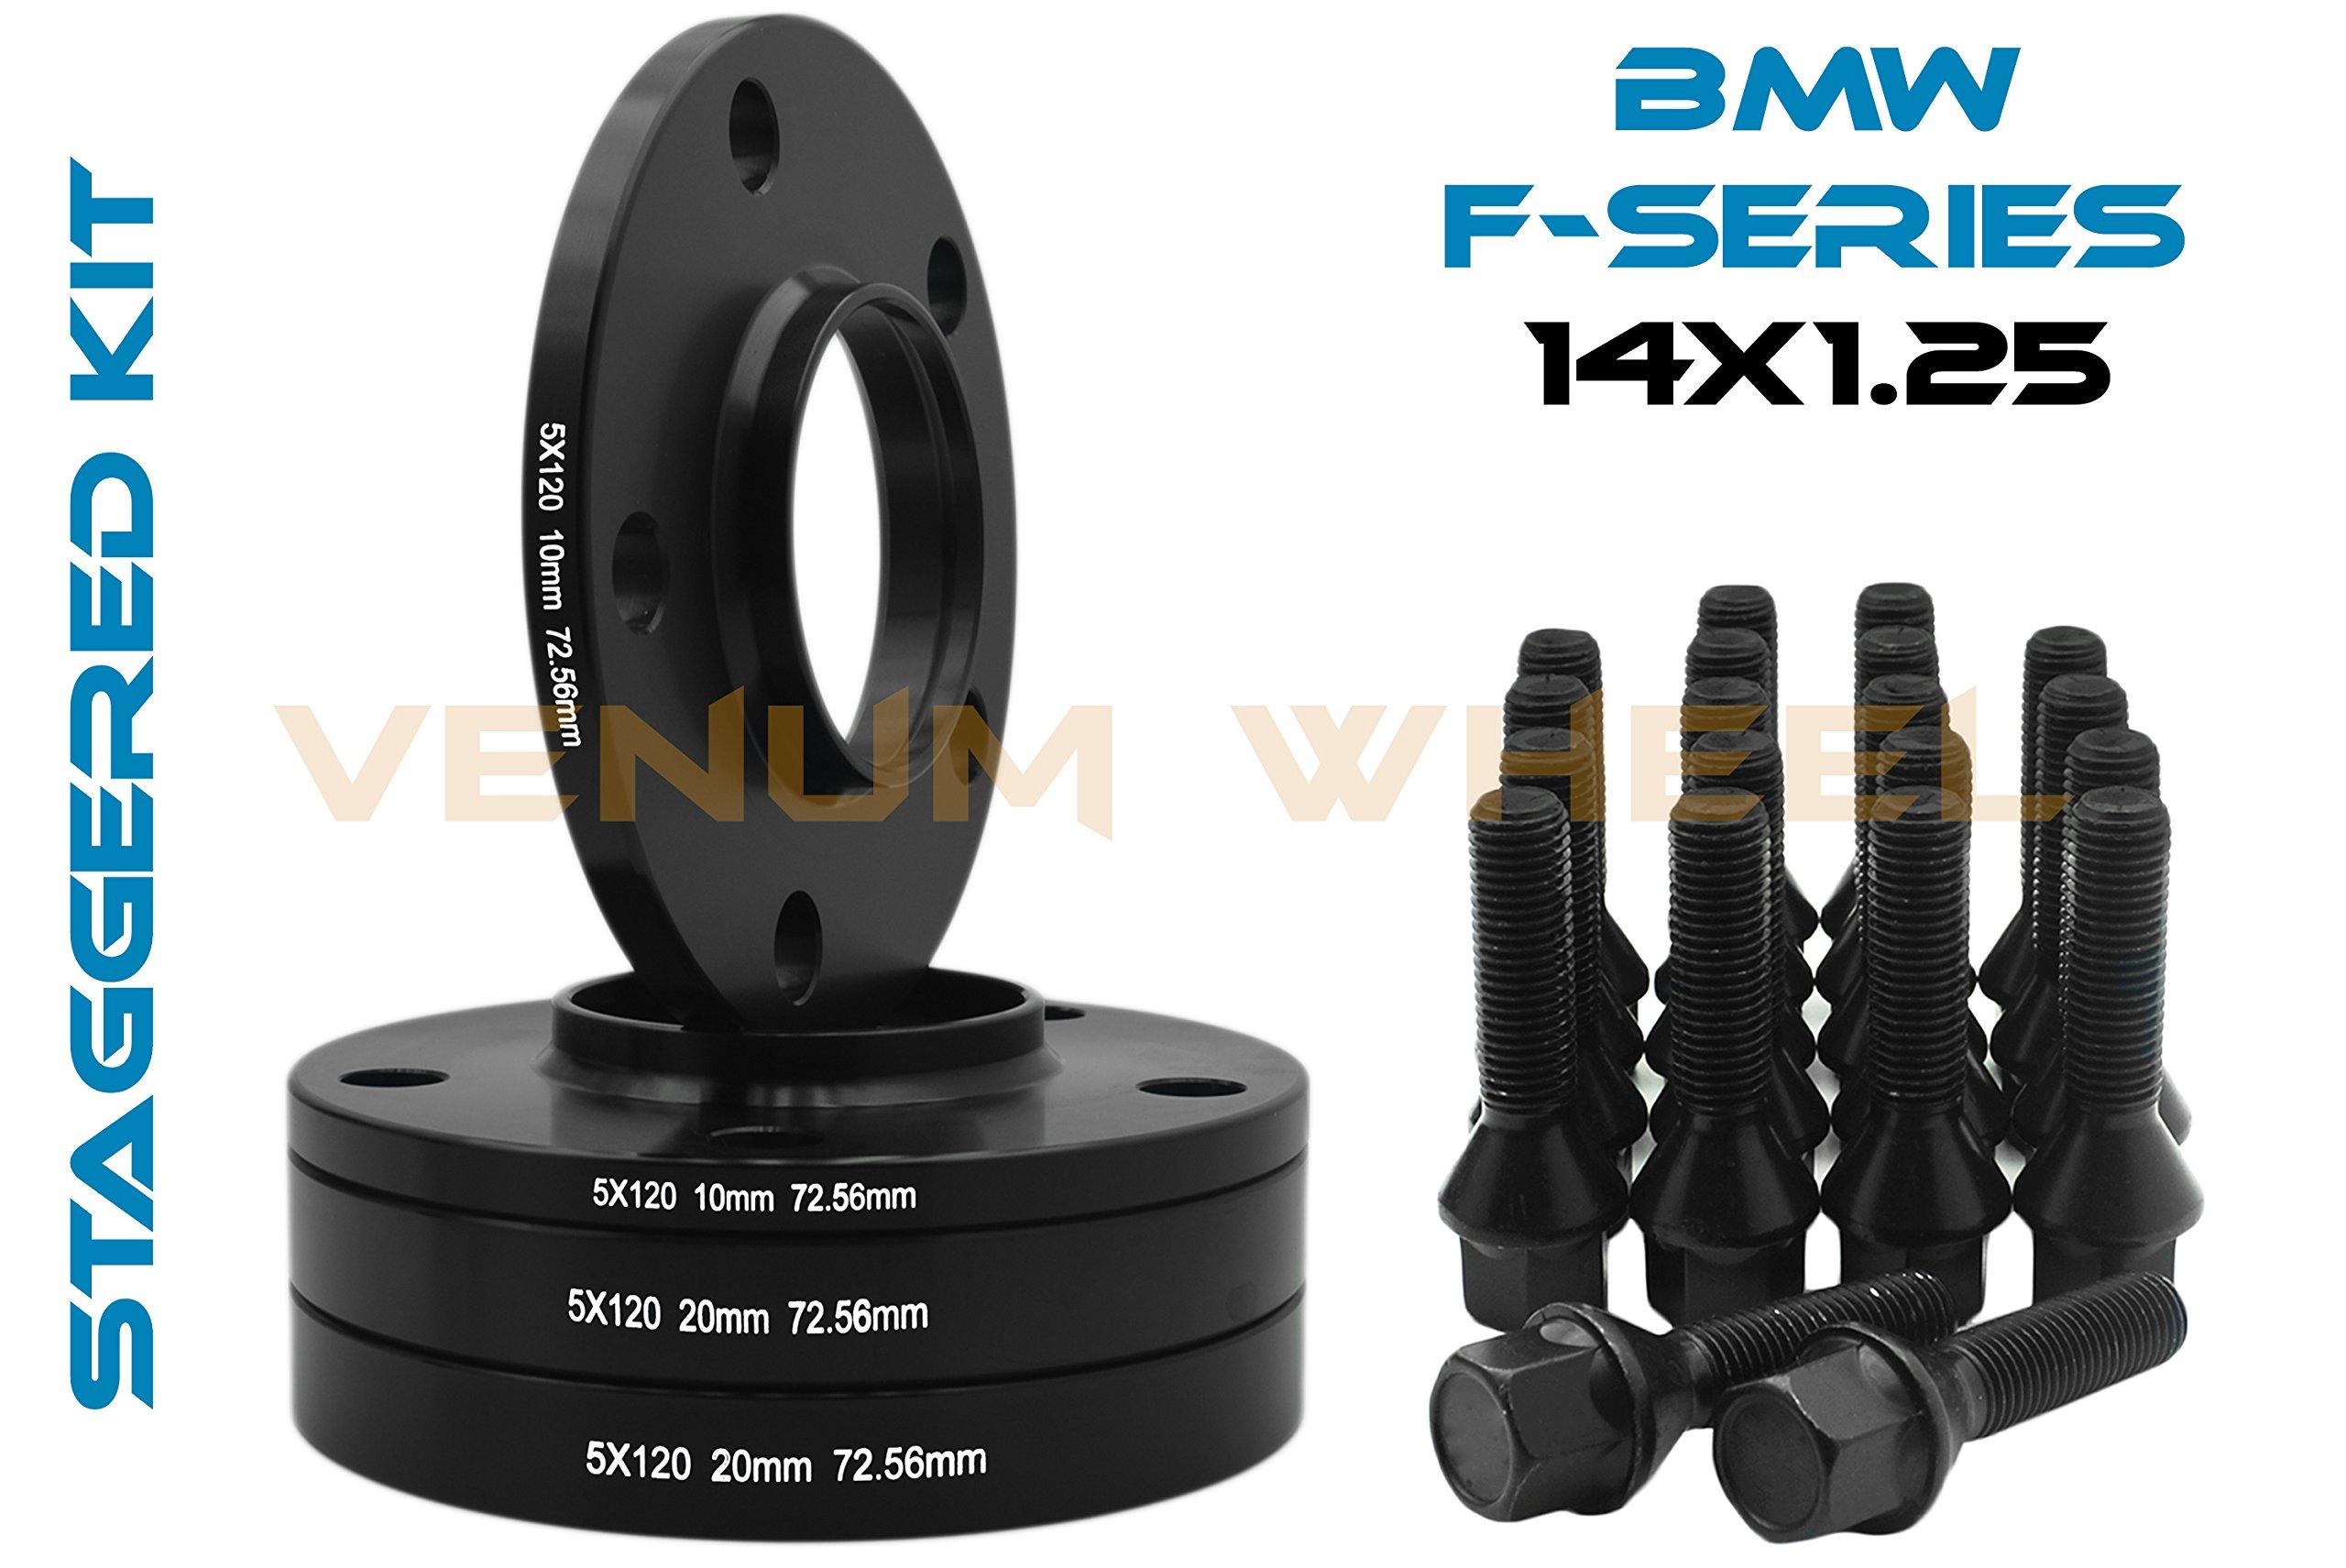 Bolt-On Set Of Black 10mm & 20mm Staggered Bmw Wheel Spacers Hub Centric 5x120 - 72.56 H.B - F30 F31 320 328 335 F80 M3 F32 F82 M4 435 F22 F23 228 235 F10 528 535 M5 F11